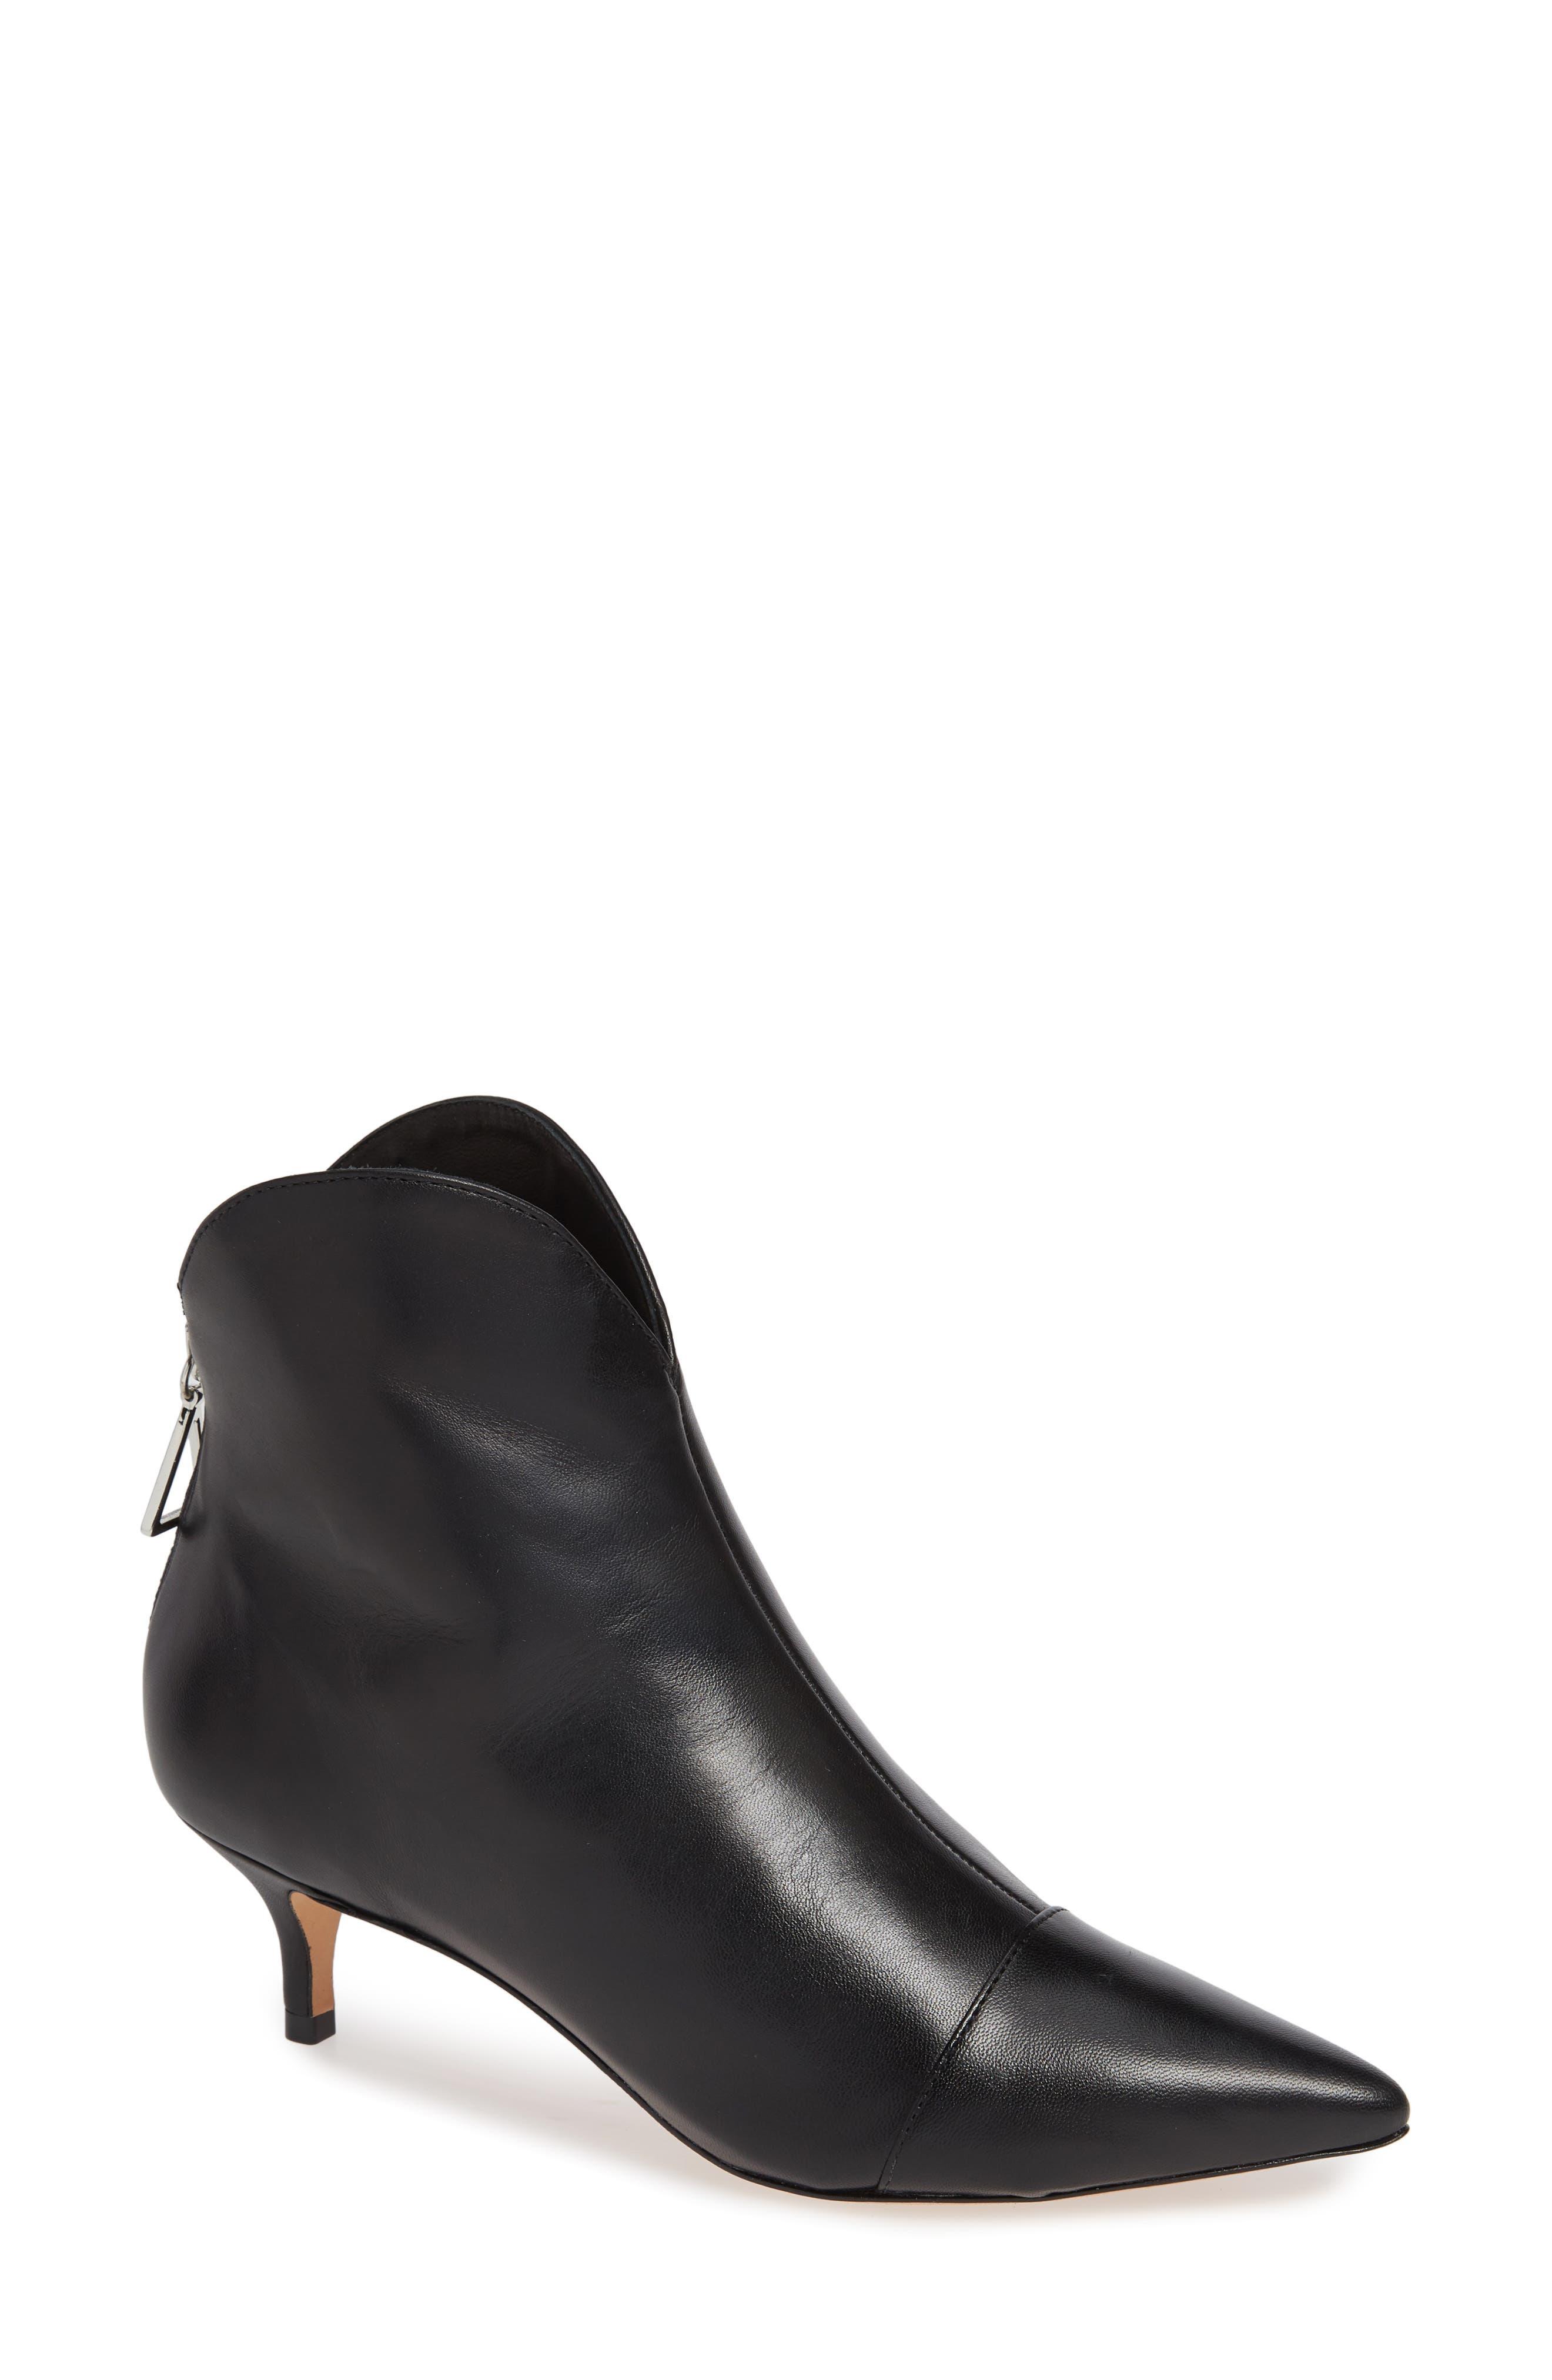 15428de0 Clarks Court Shoes GABRIEL MIST Black Suede Crocodile Effect Block Heel